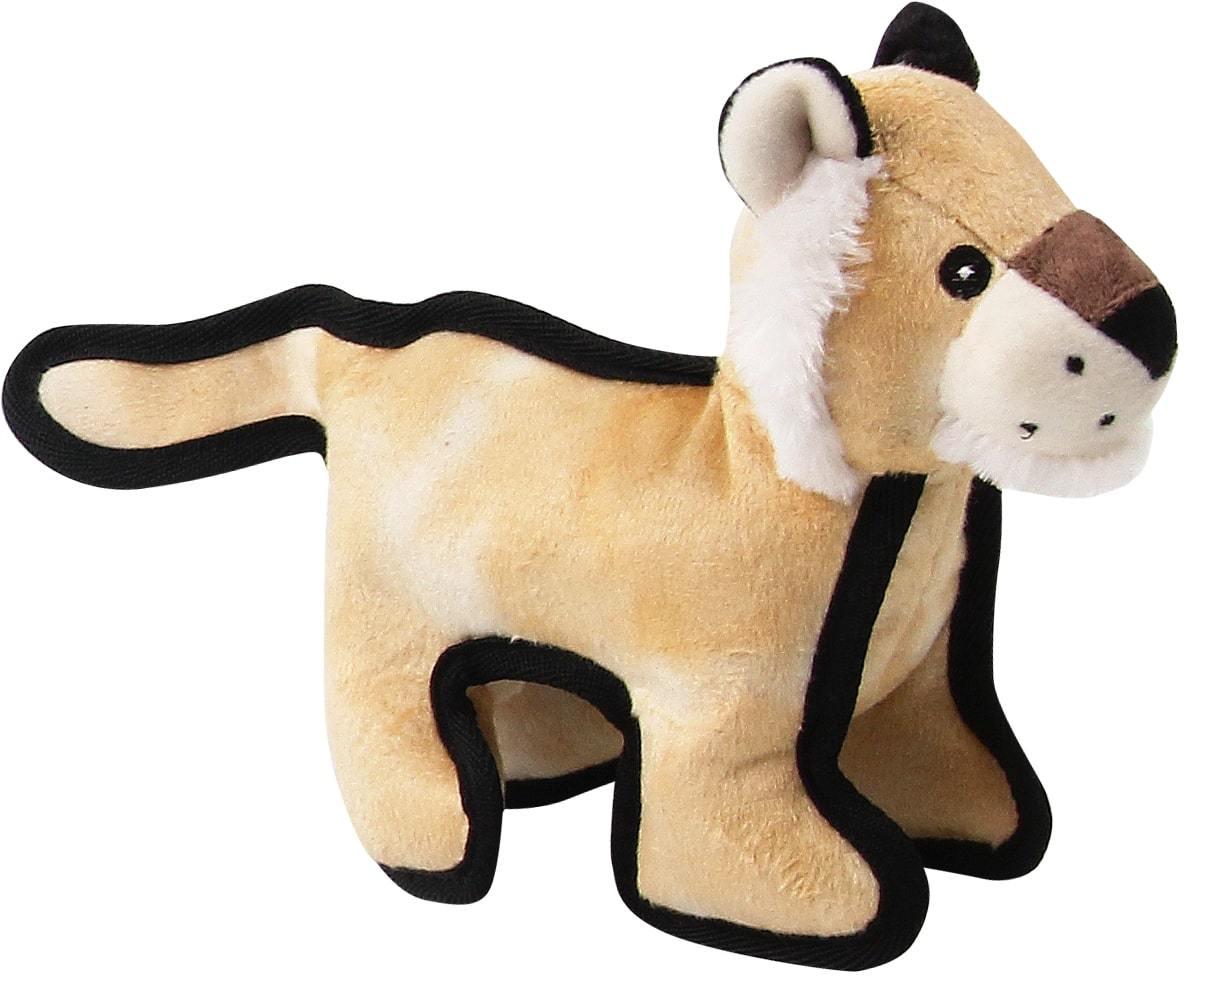 Pawise: Tuff Toy - Tiger image